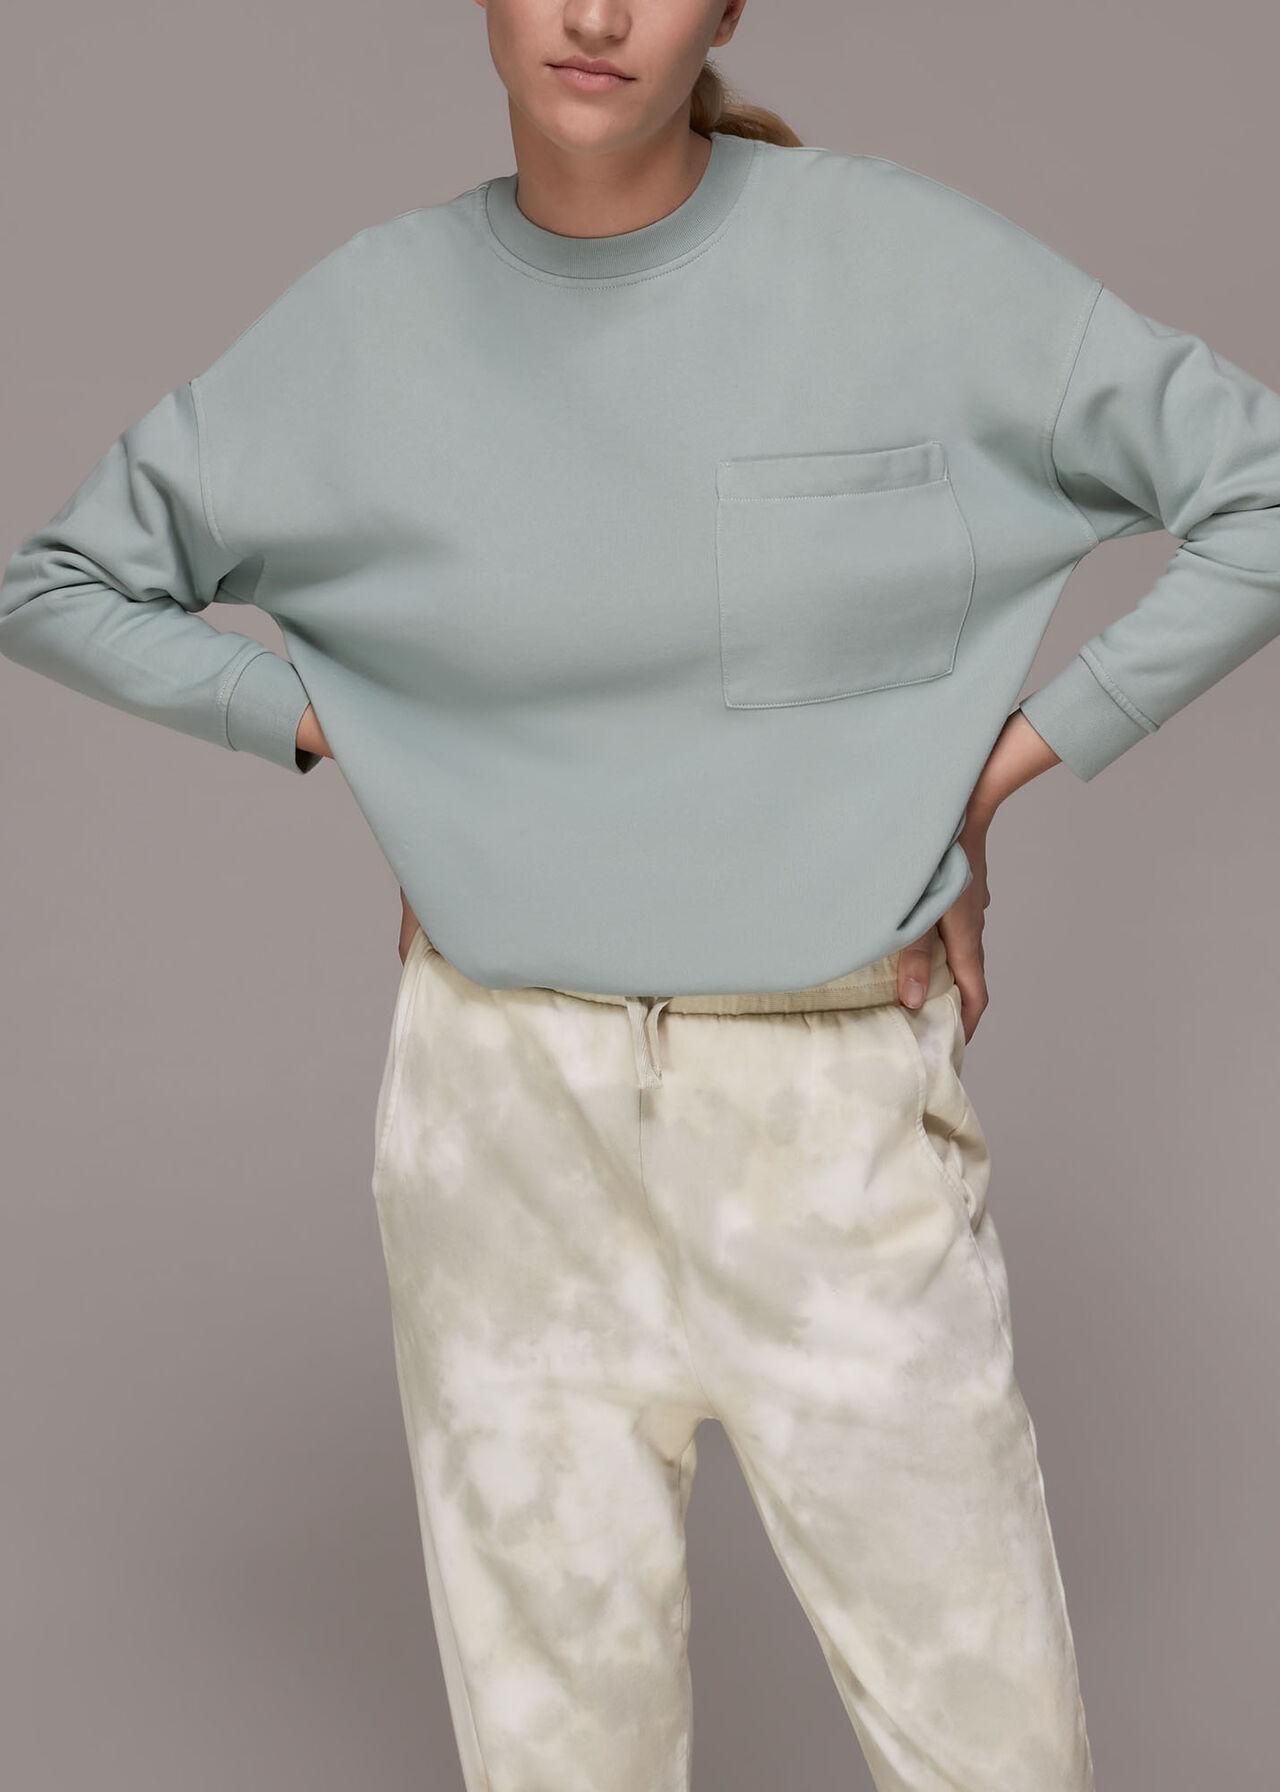 Tie Dye Jogger